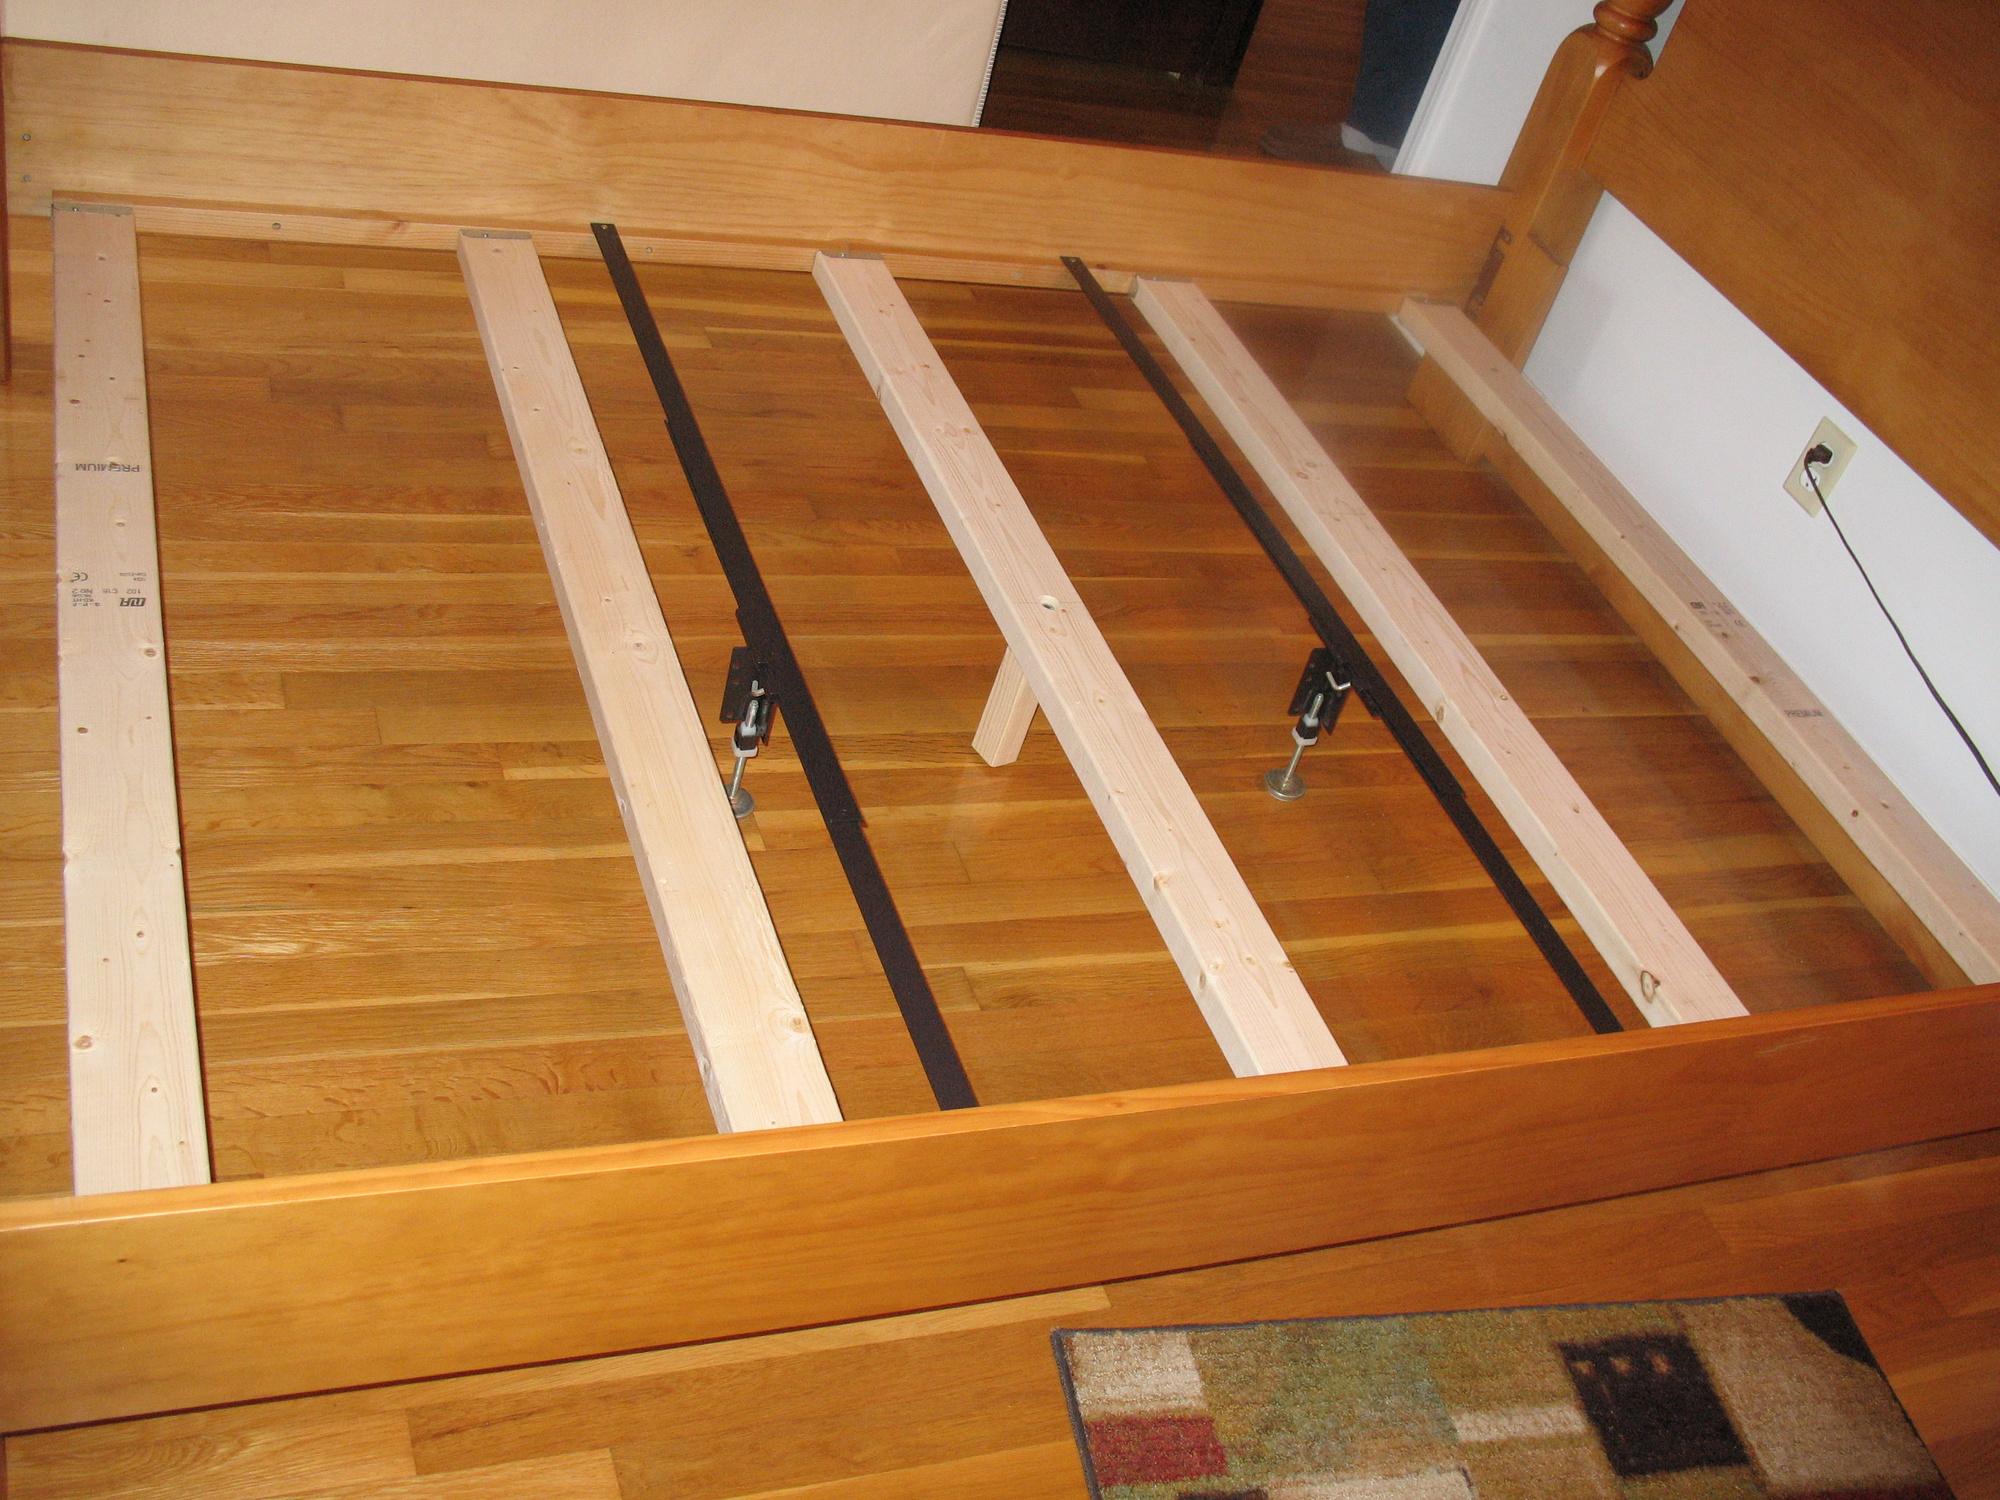 Amazoncom bed frame slats